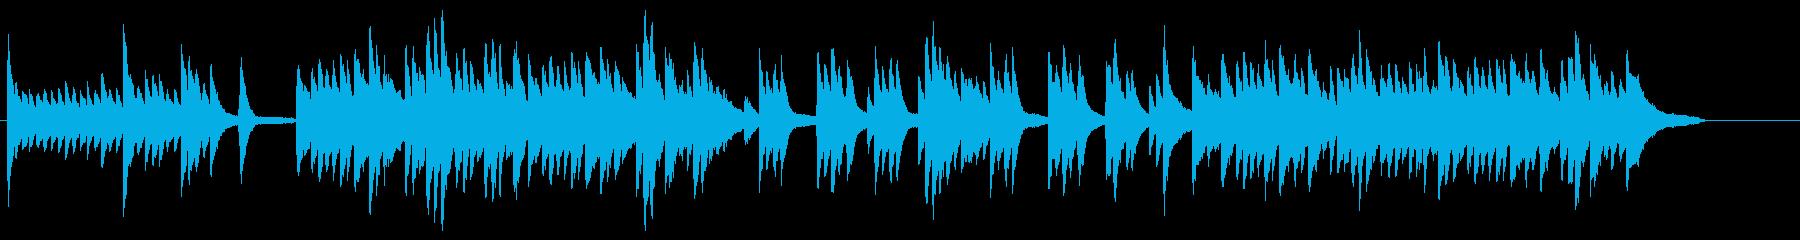 切なく温かいピアノソロの再生済みの波形